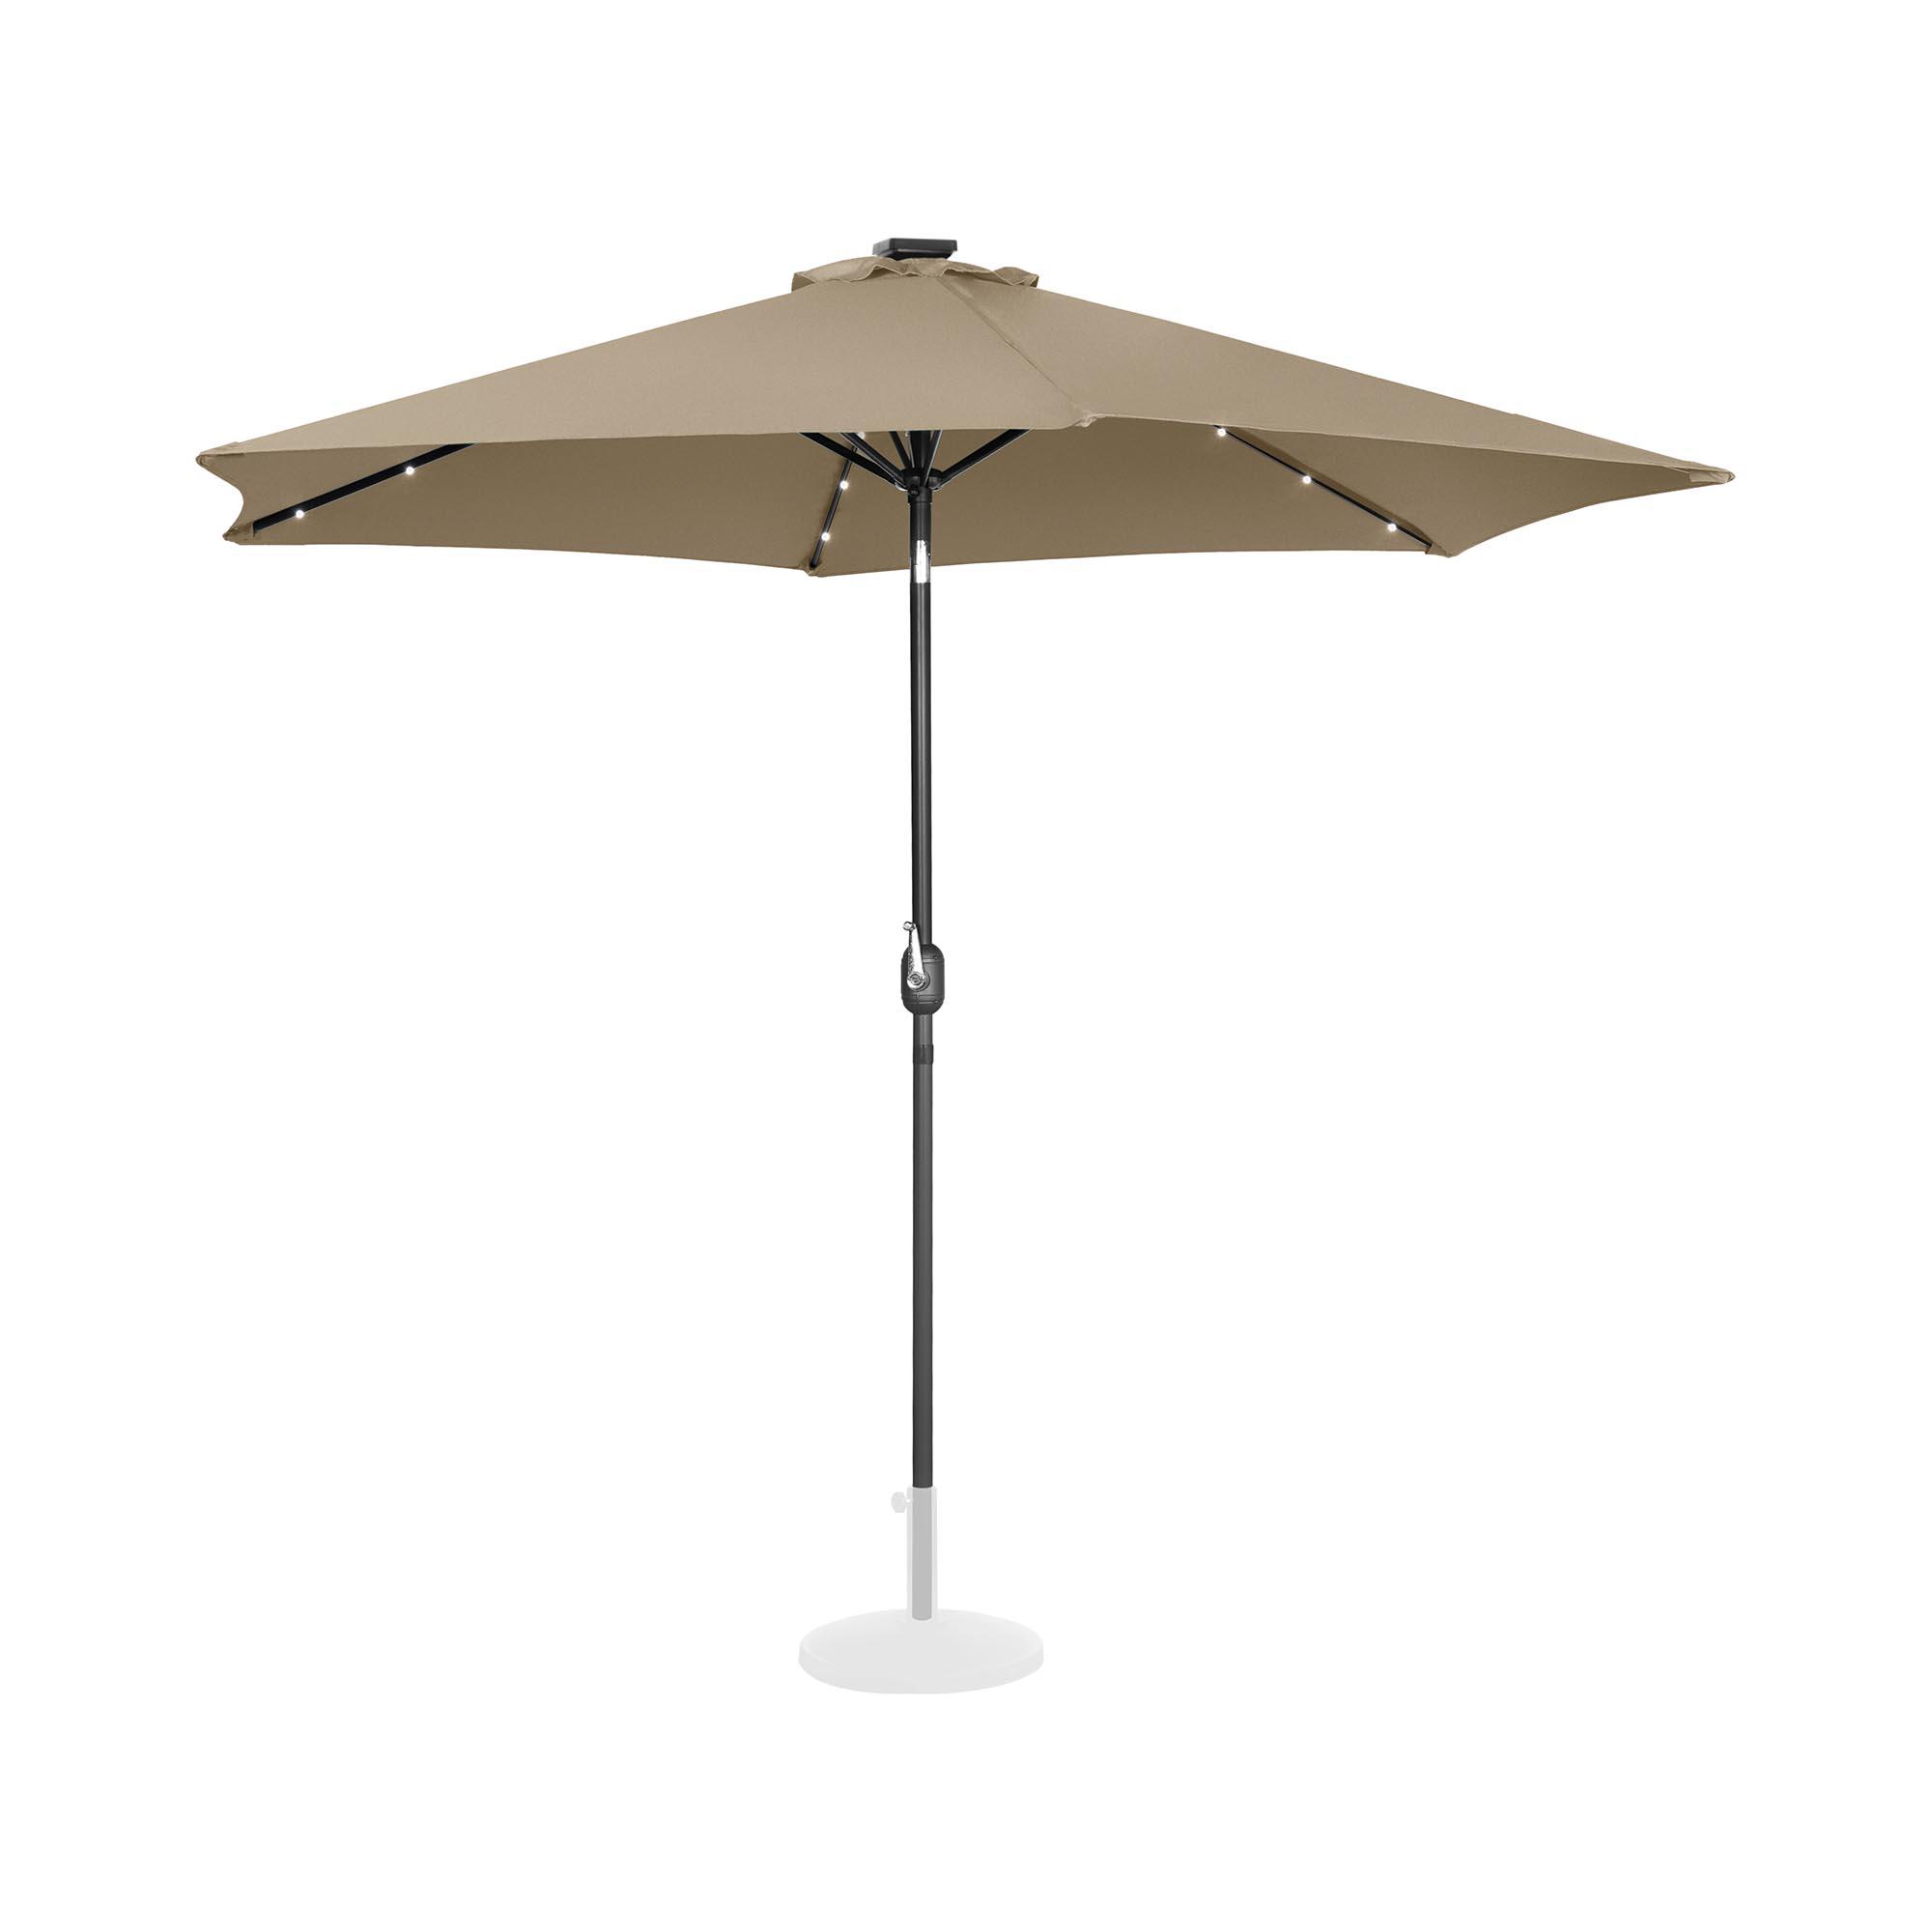 Uniprodo Sonnenschirm mit LED - taupe - rund - Ø 300 cm - neigbar UNI_UMBRELLA_TR300TAL